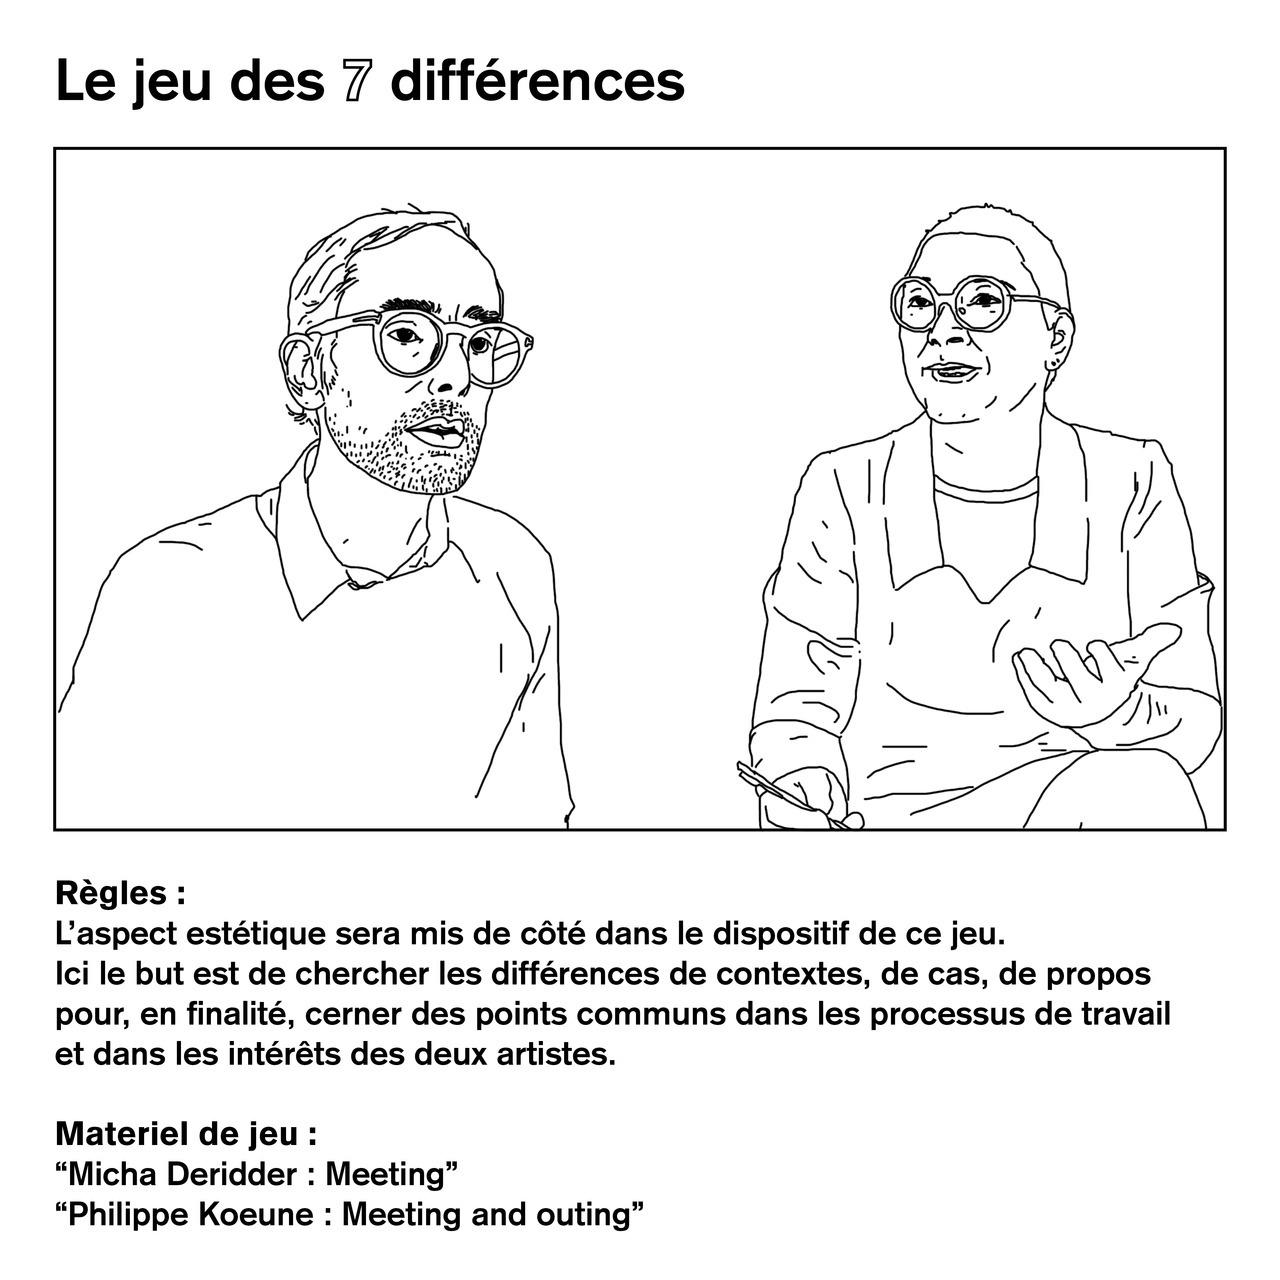 Zéphir Moreels concernant Chercher Les Differences